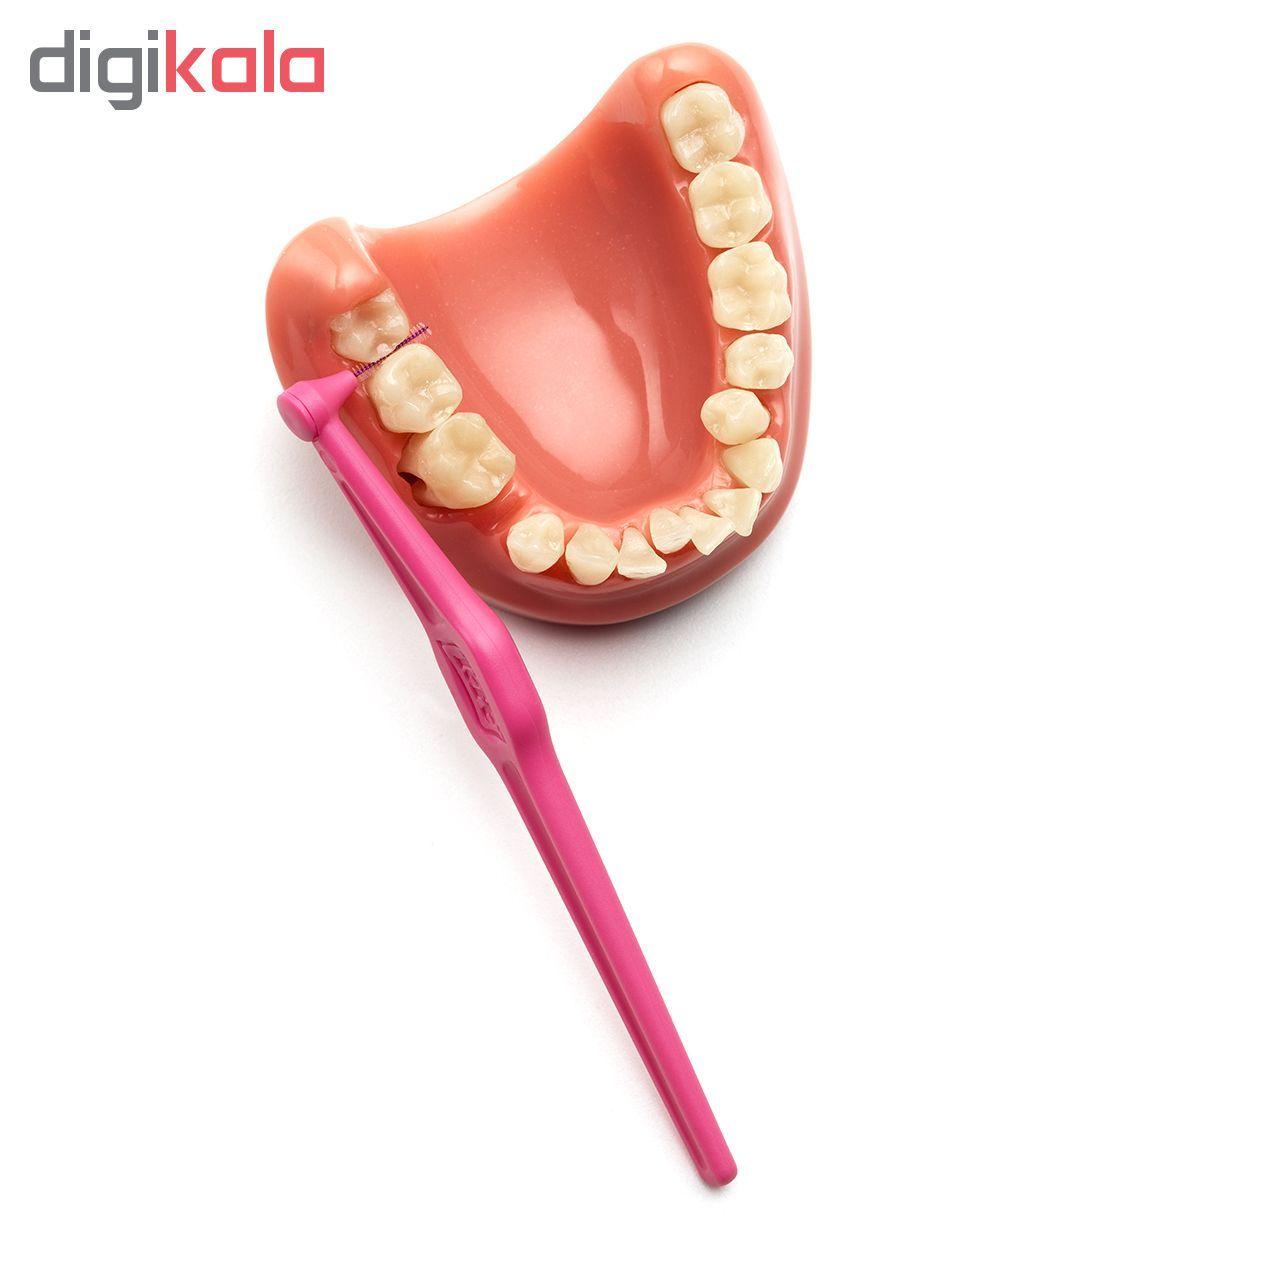 مسواک بین دندانی تهپه مدل Angle سایز 0 بسته ۶ عددی main 1 2